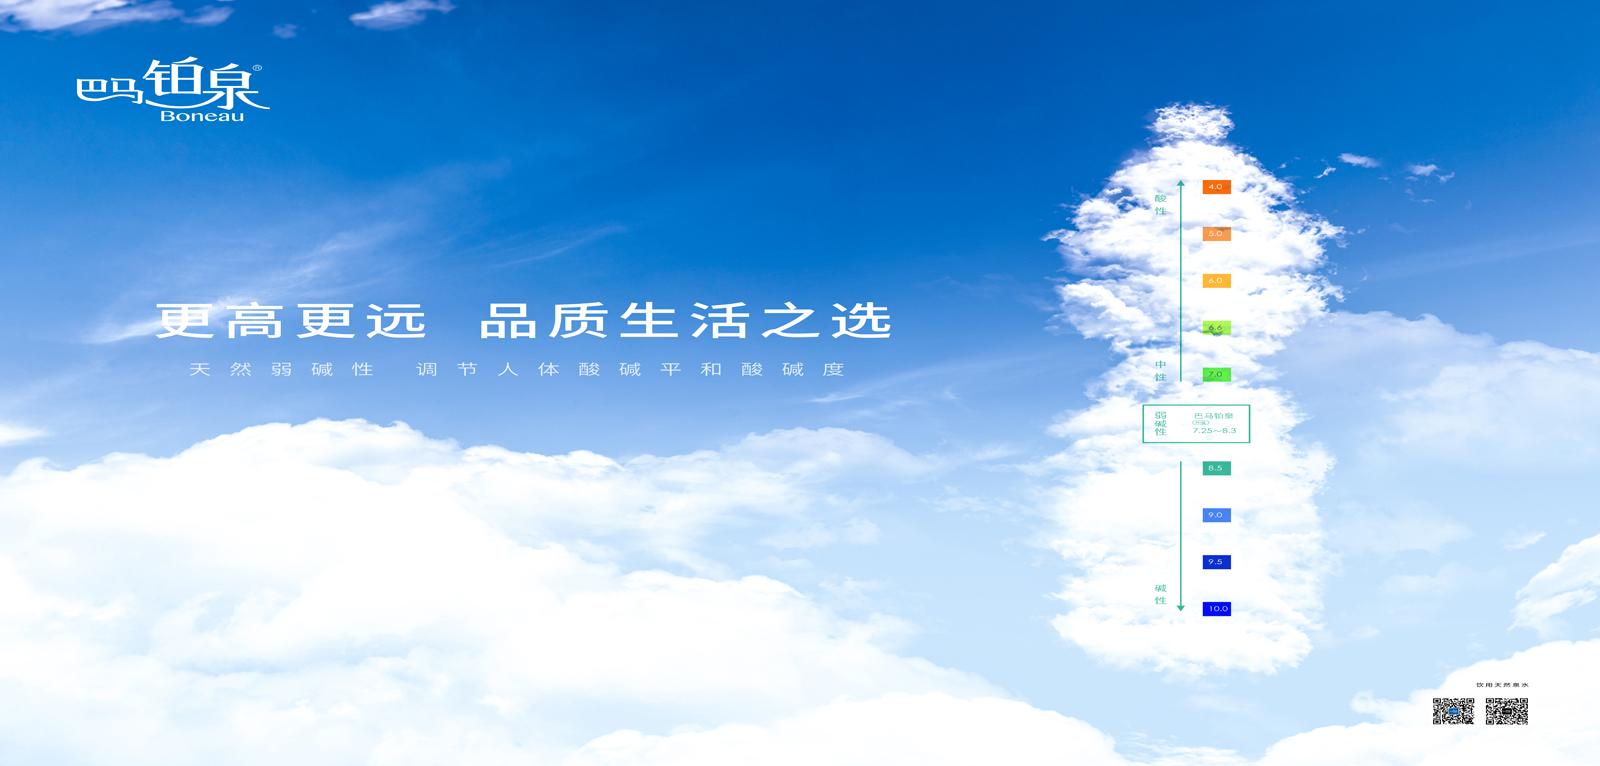 巴马铂泉丨巴马铂泉进驻浙江省300家罗森门店